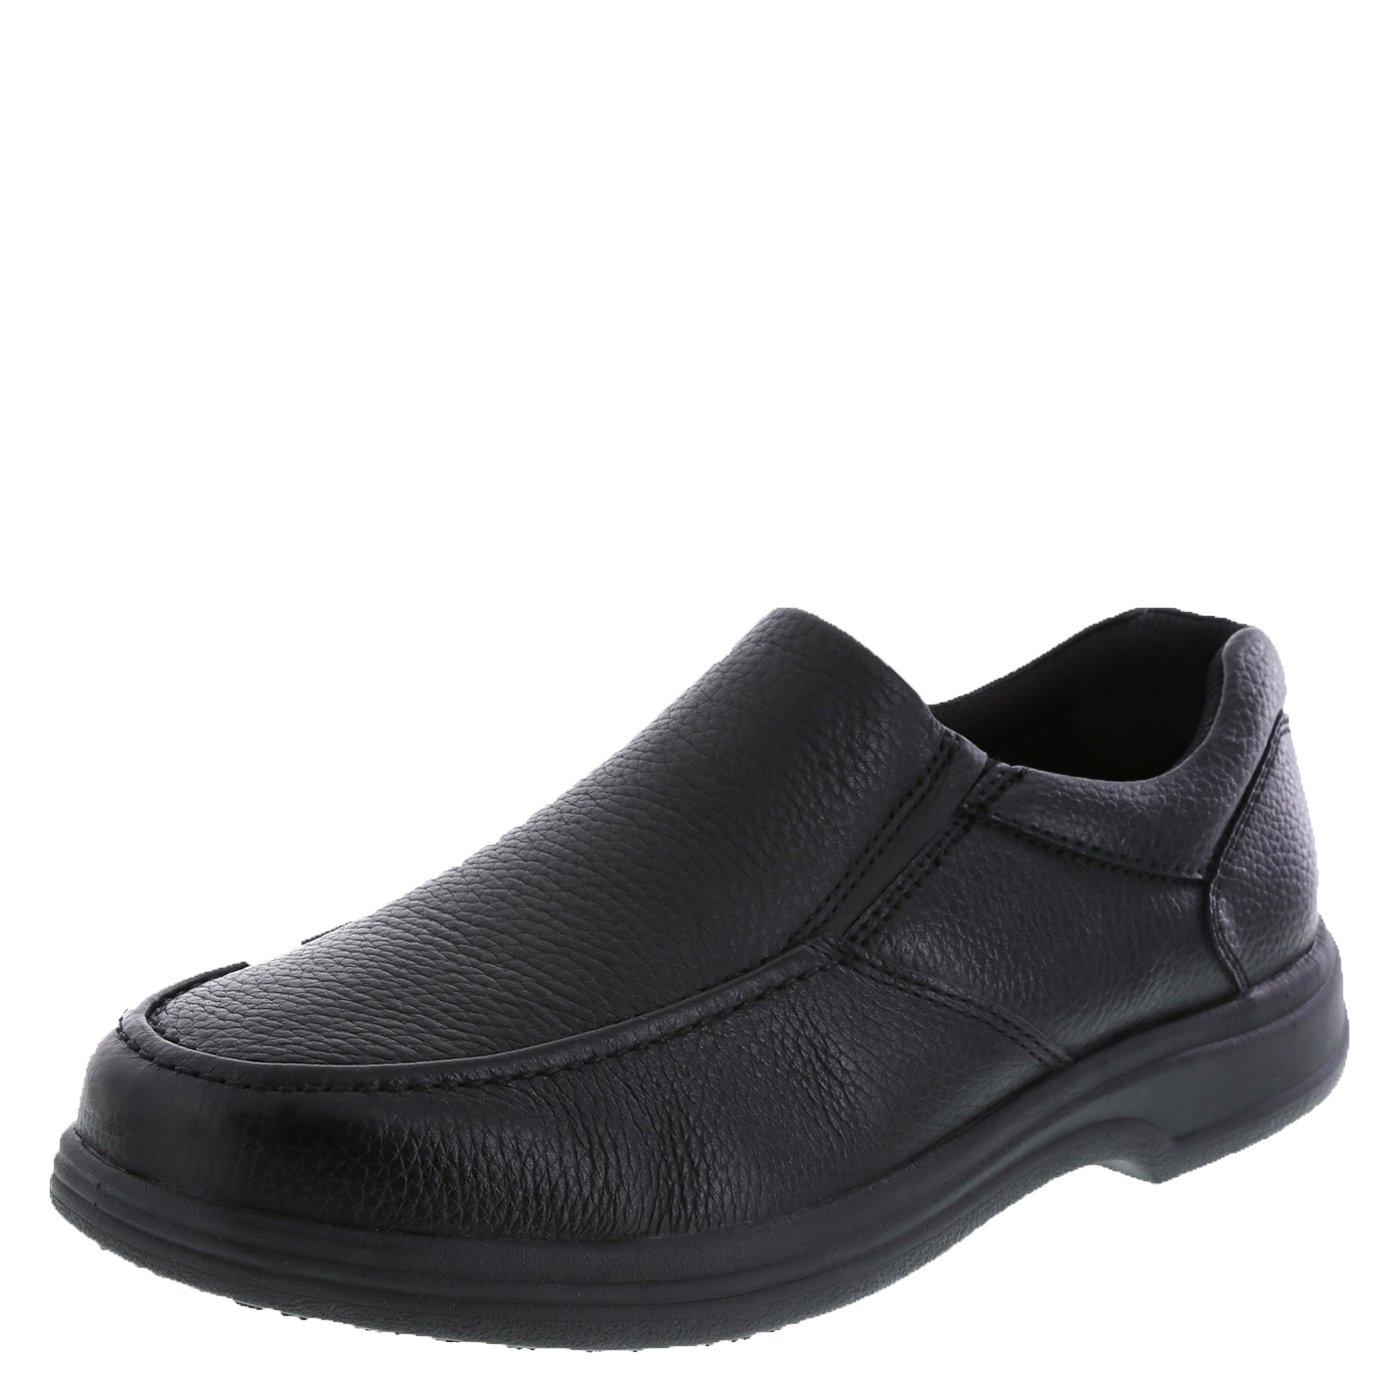 safeTstep Slip Resistant Men's Black Men's Comfort Moc Slip-On 12 Wide by safeTstep